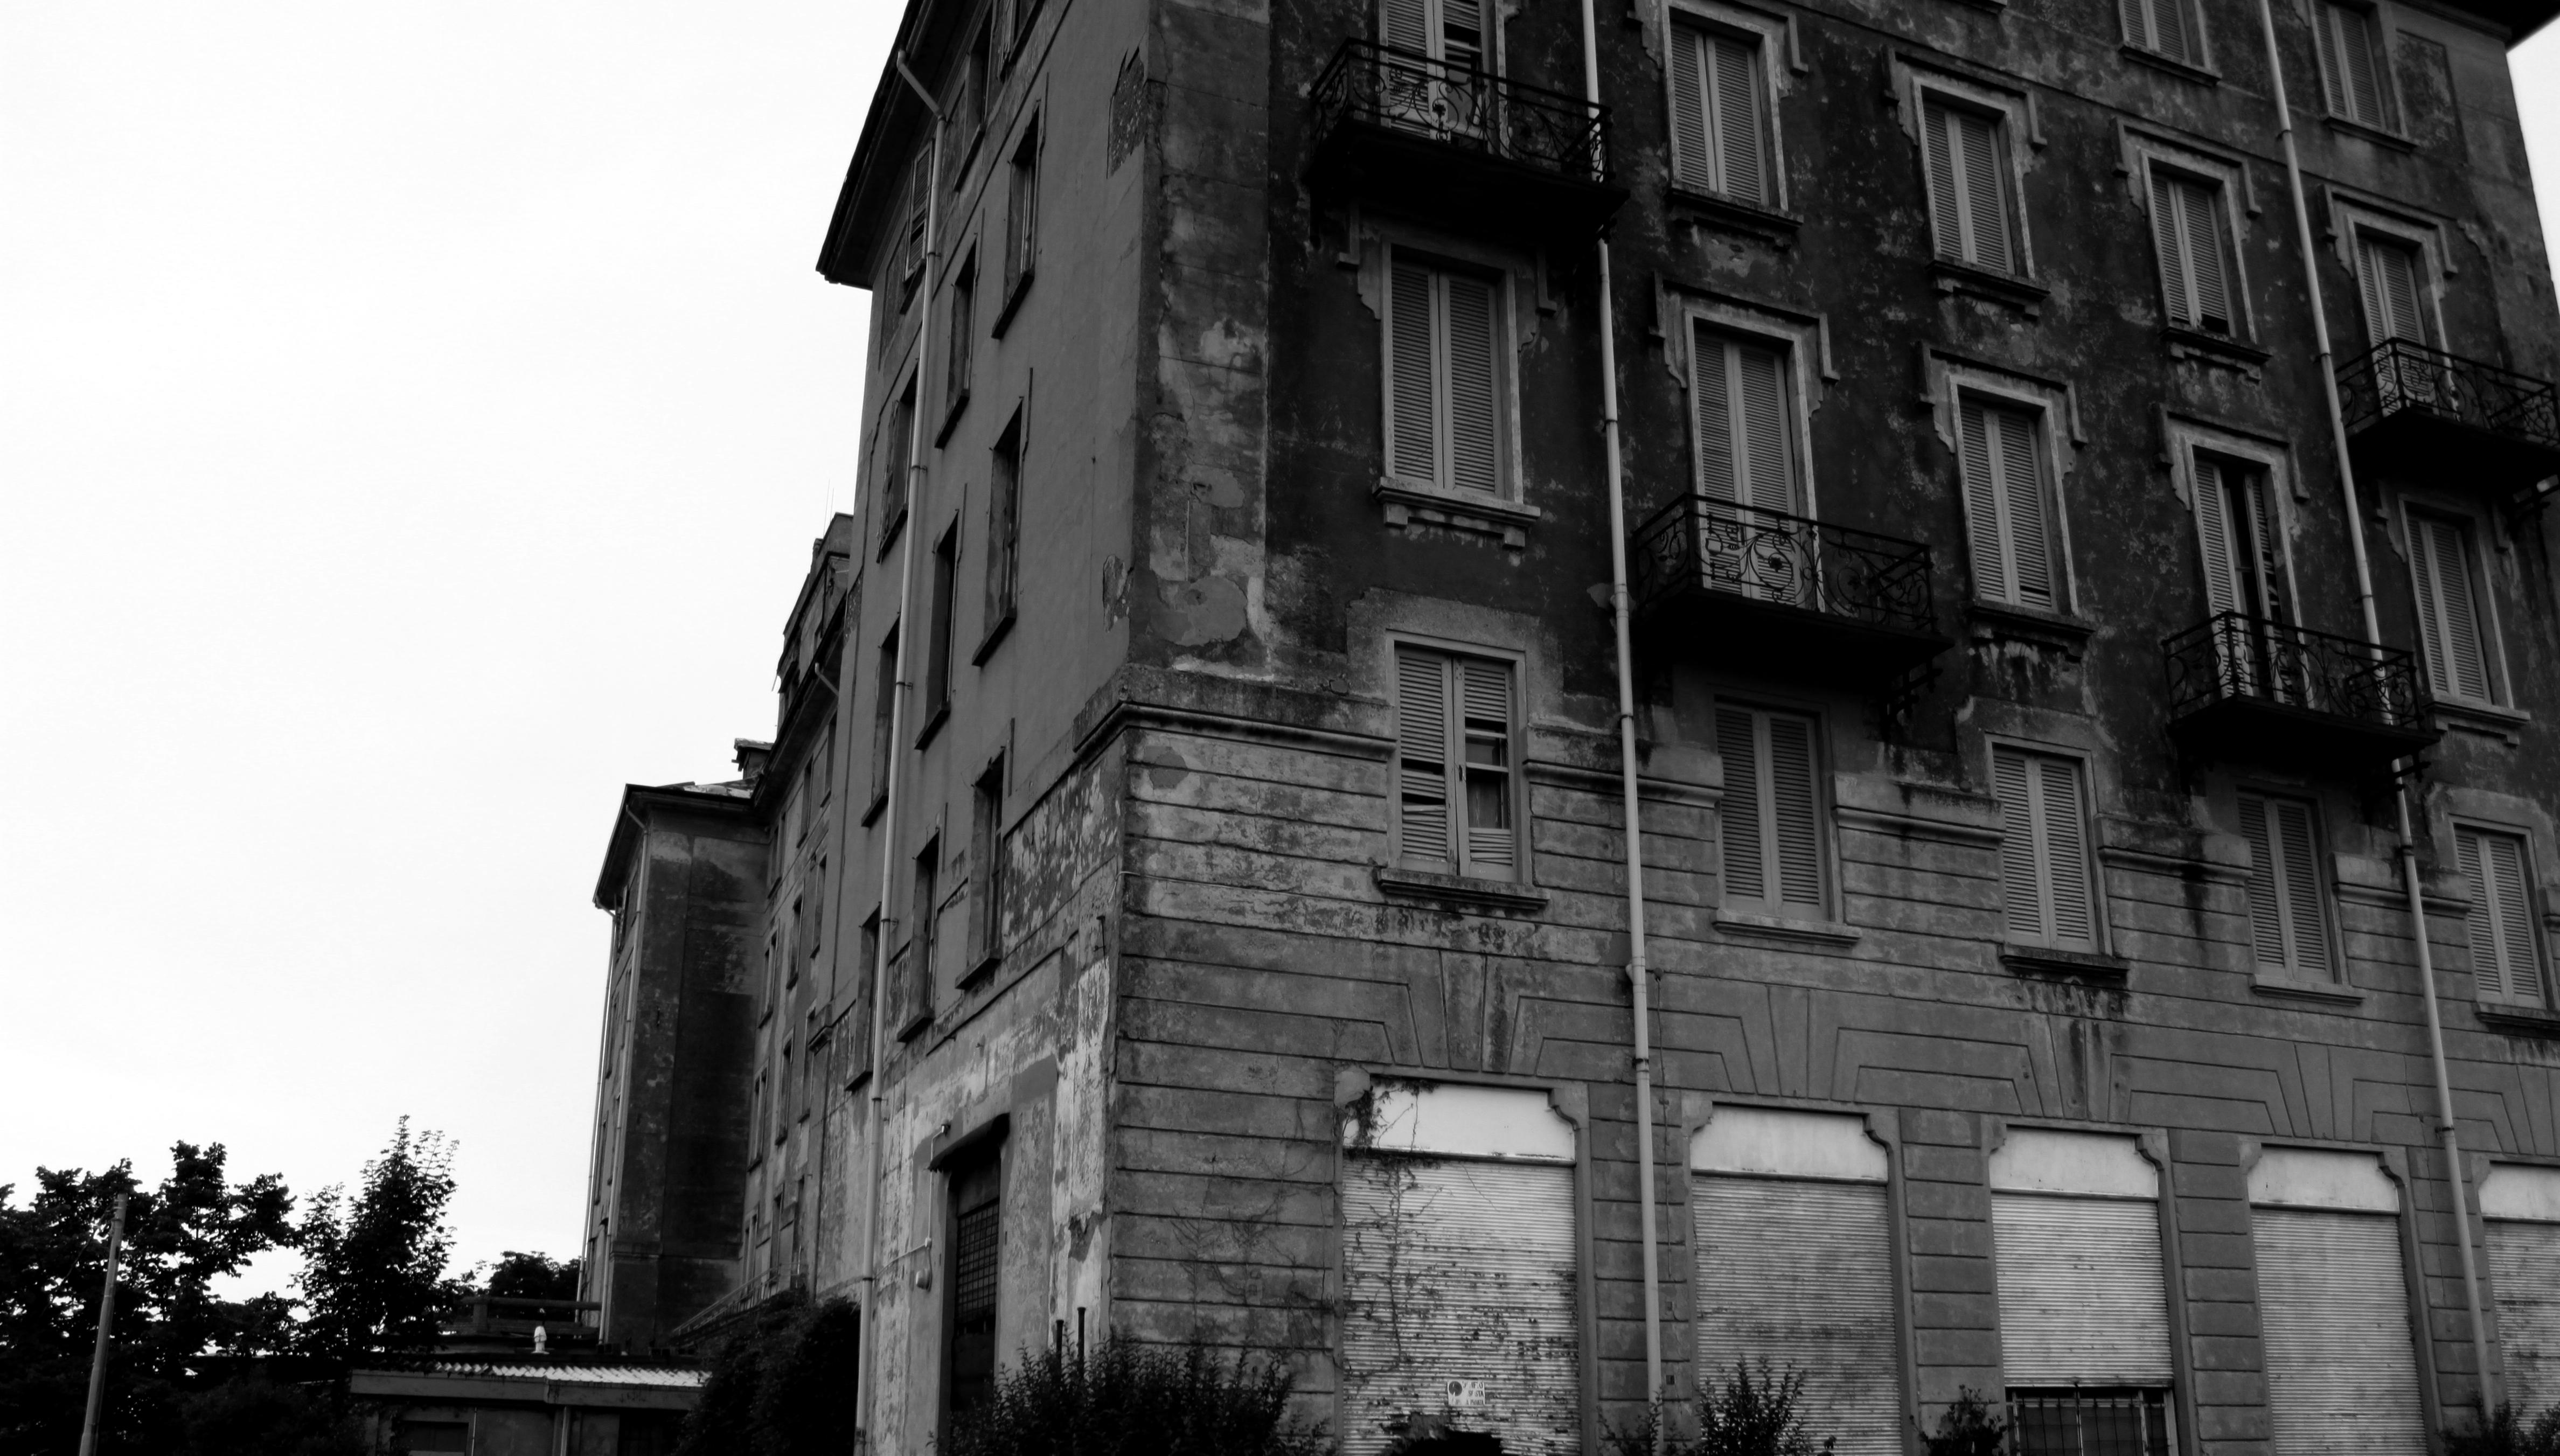 Grand hotel milano brunate explore mattia vigan 39 s for Grand hotel milano